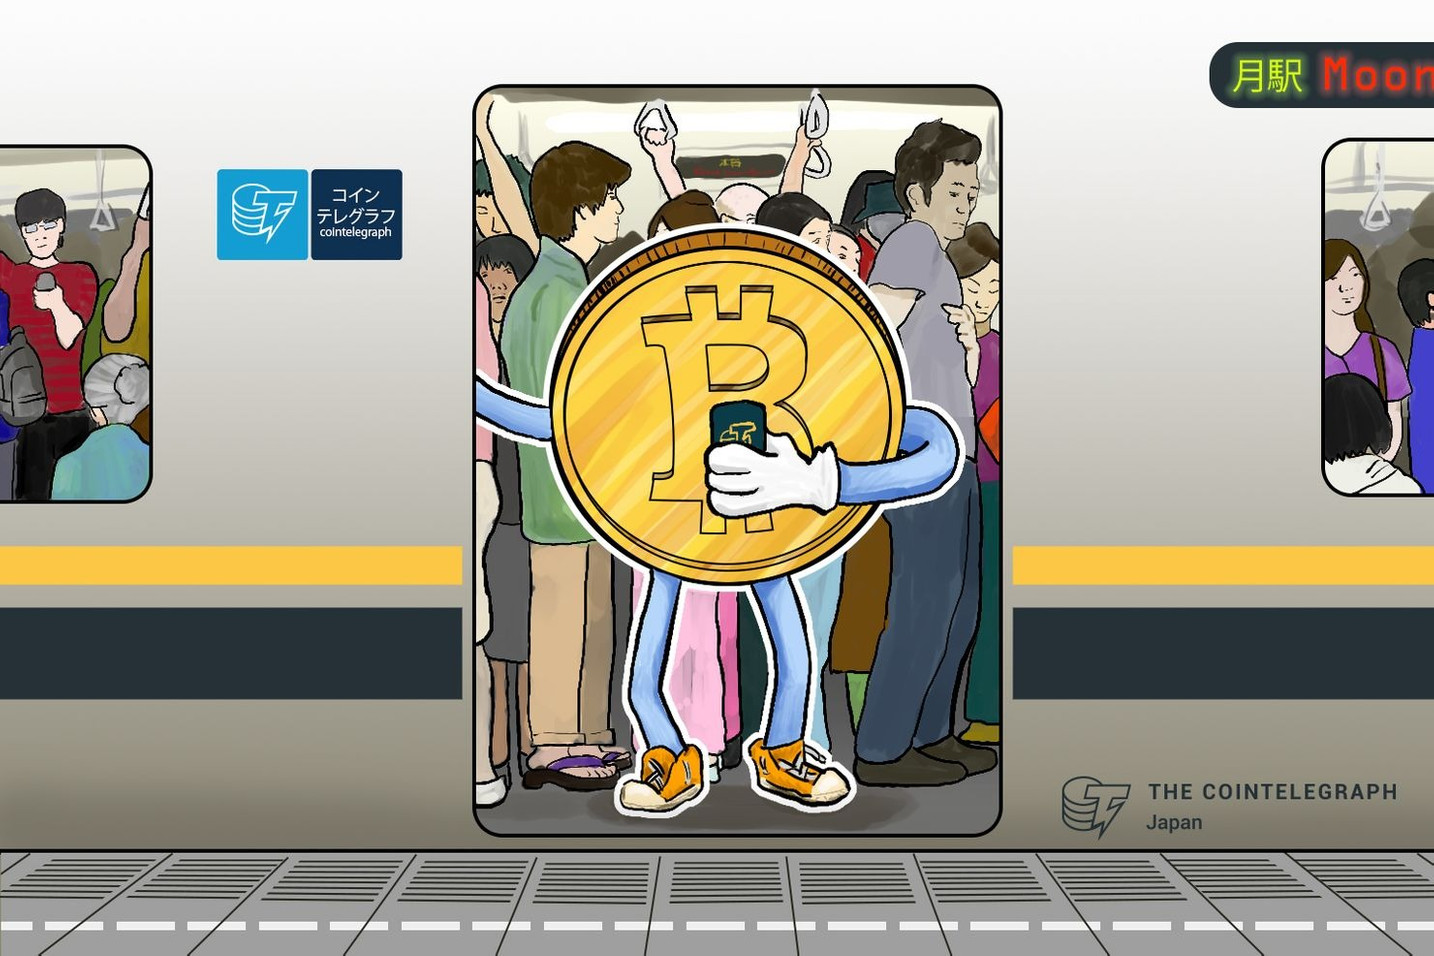 【速報】金融庁、OK Groupの日本法人を仮想通貨交換業者に認可